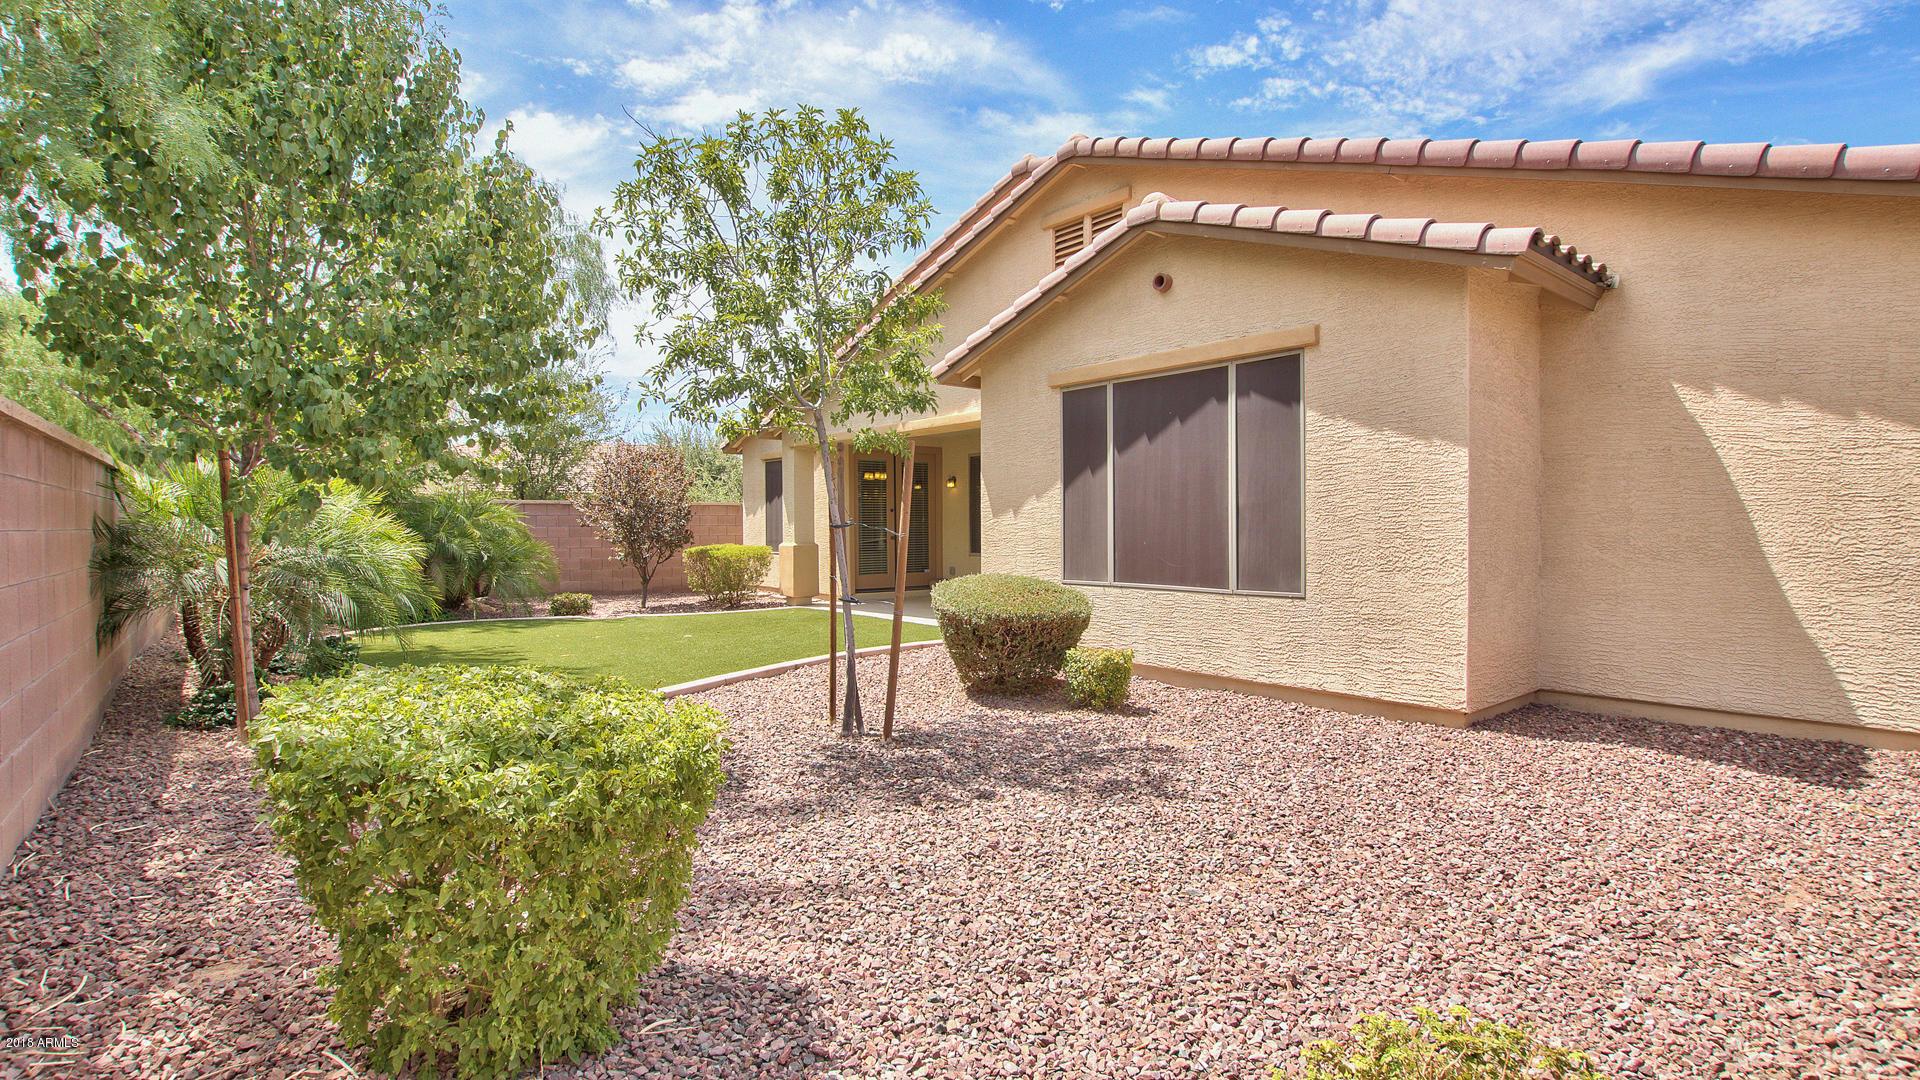 MLS 5798707 2505 E DONATO Drive, Gilbert, AZ 85298 Gilbert AZ Freeman Farms